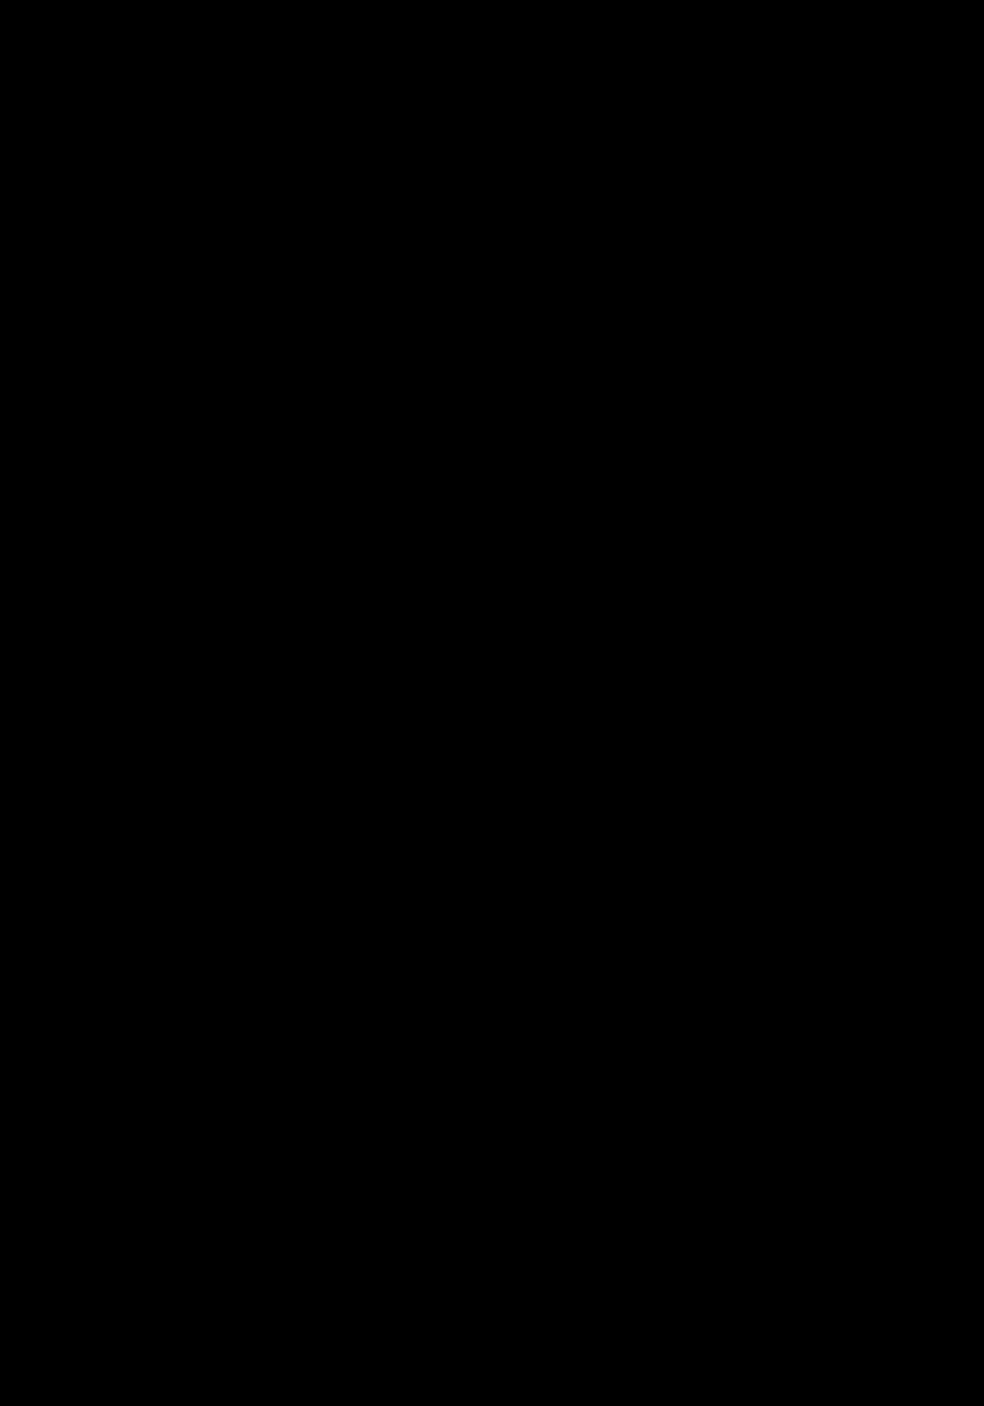 艶 M 小かな MTU-KS 縦組見本